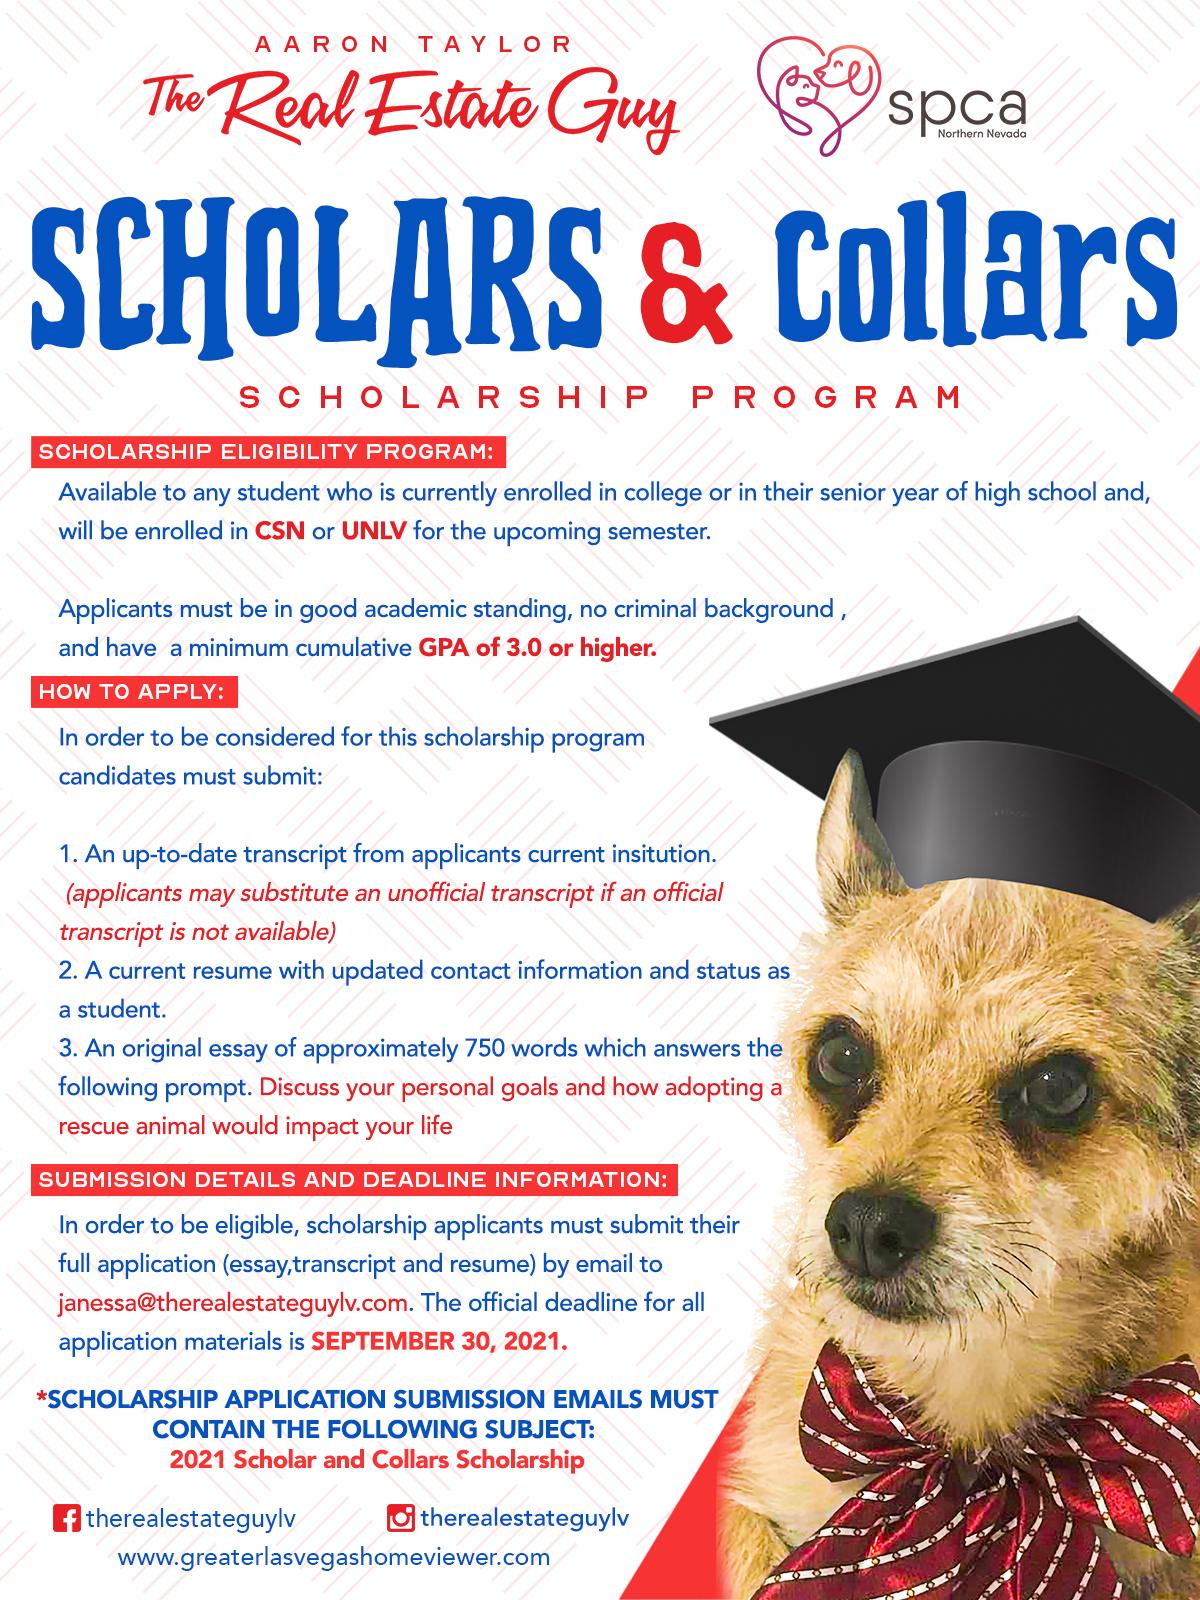 scholar collar ralph edit.jpg